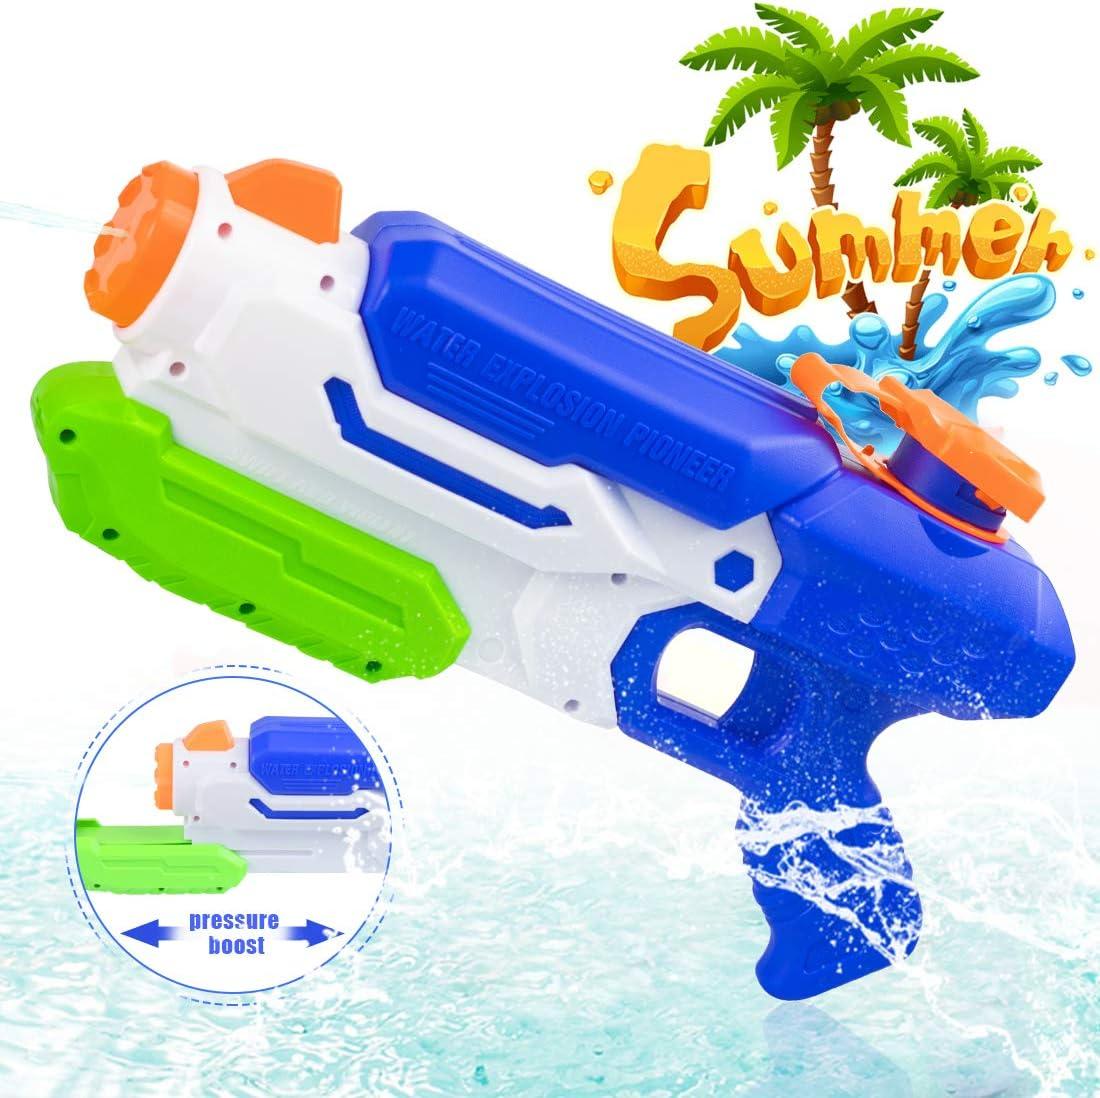 O-Kinee Pistola de Agua Juguete Super Gun Water Juguetes de Verano para Playa Piscina al Aire Acuáticos Partido Niños y Adultos,Fiestas de Verano al Aire Libre (Azul)